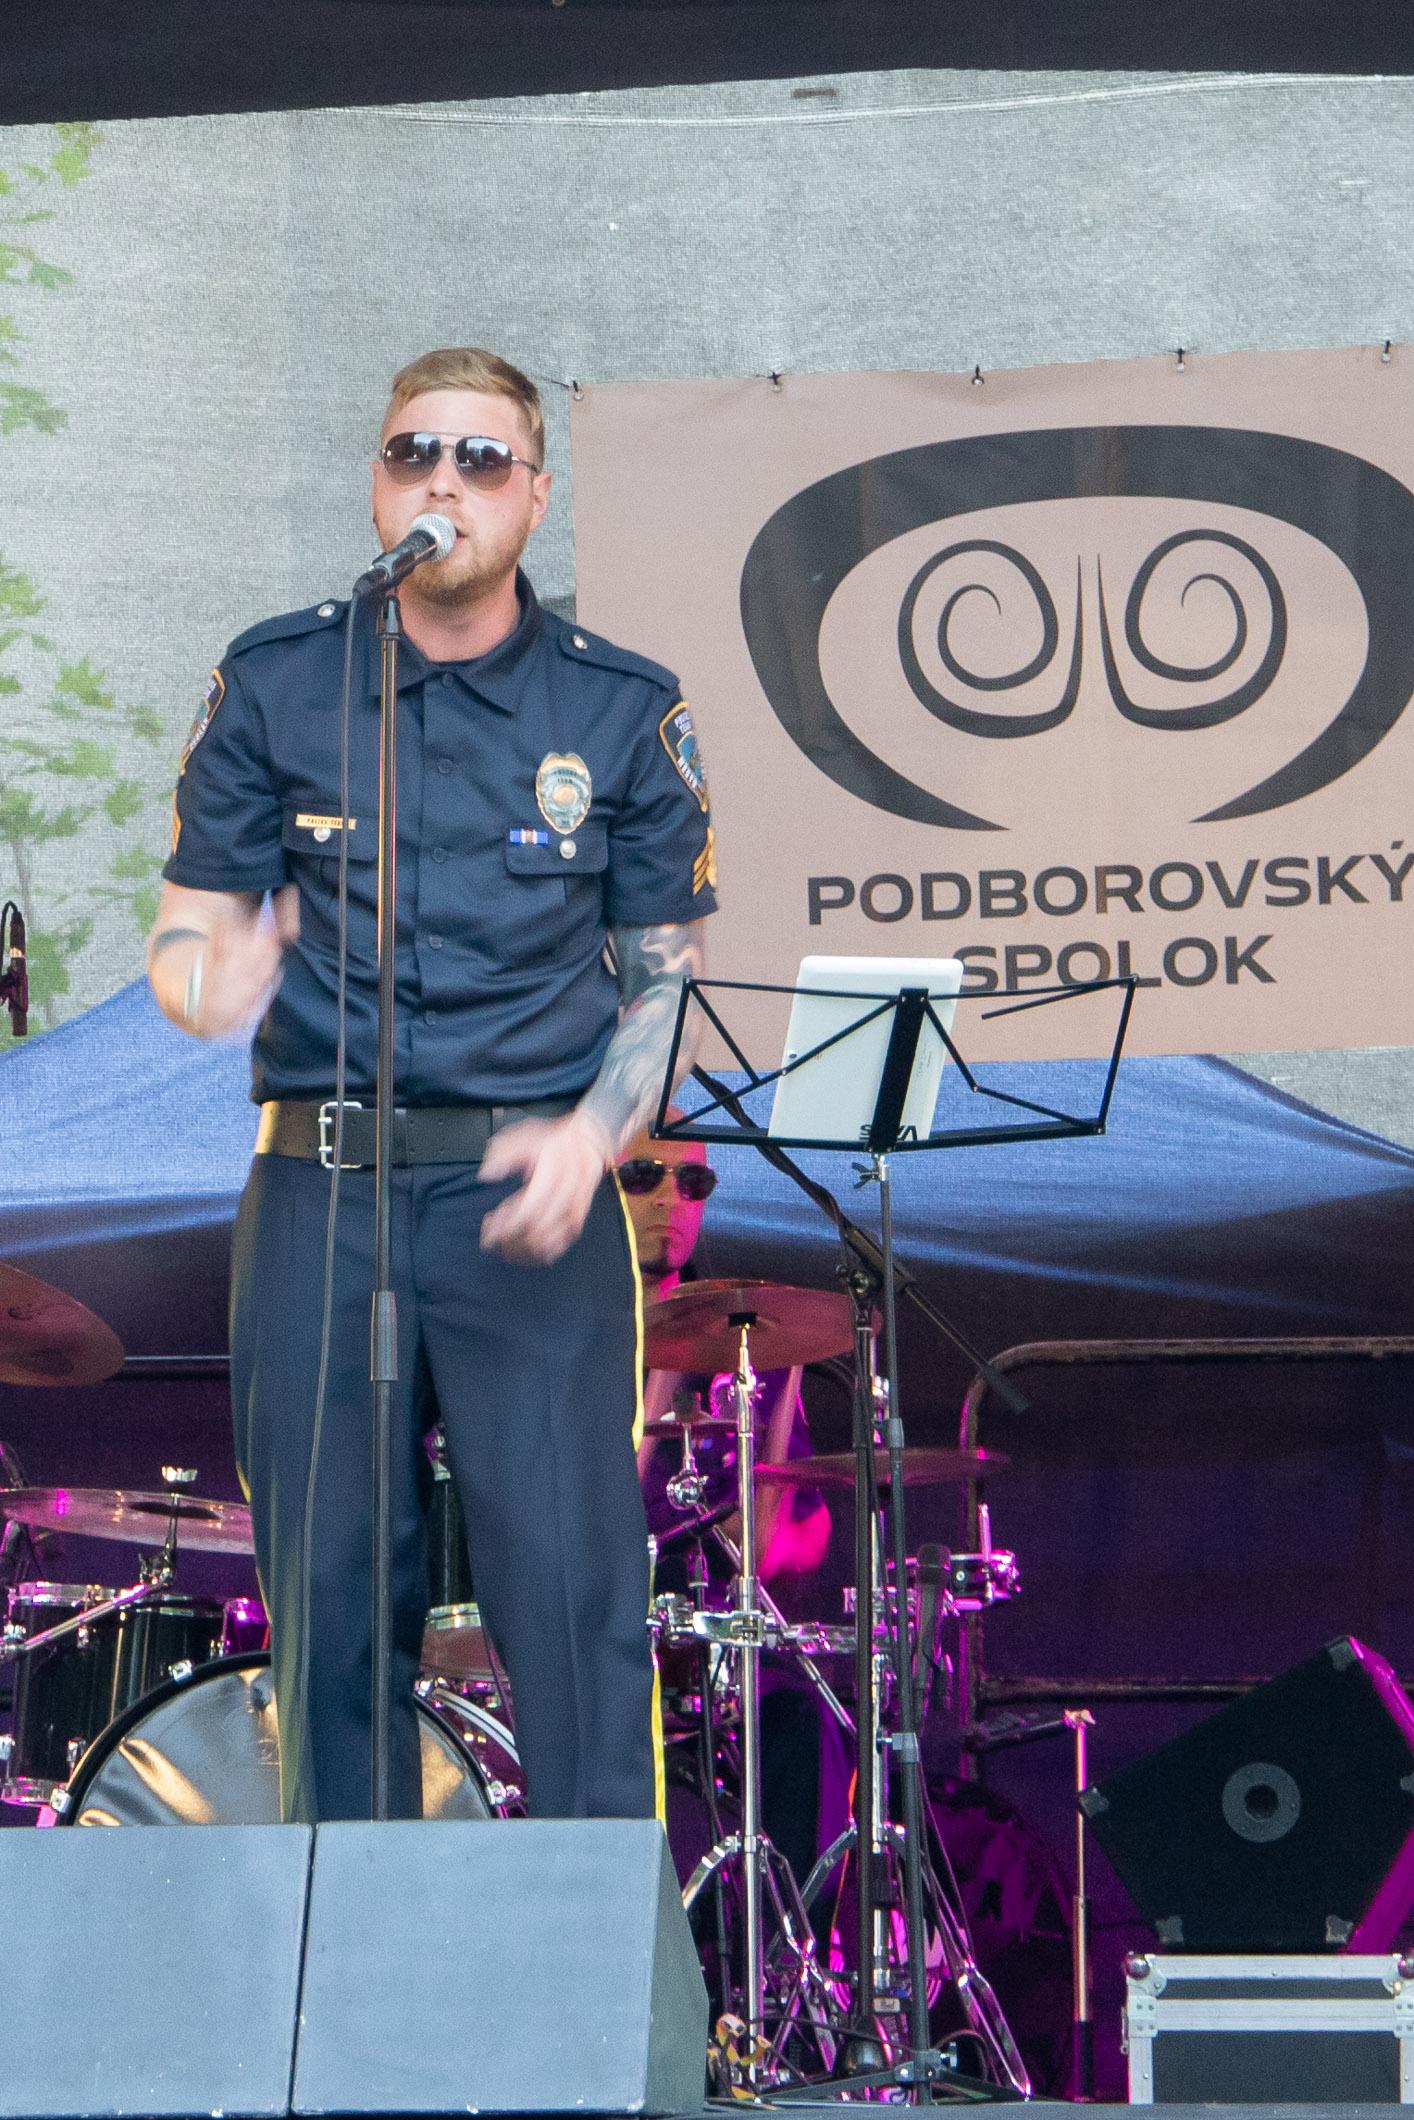 den-borovej-hory-police-team